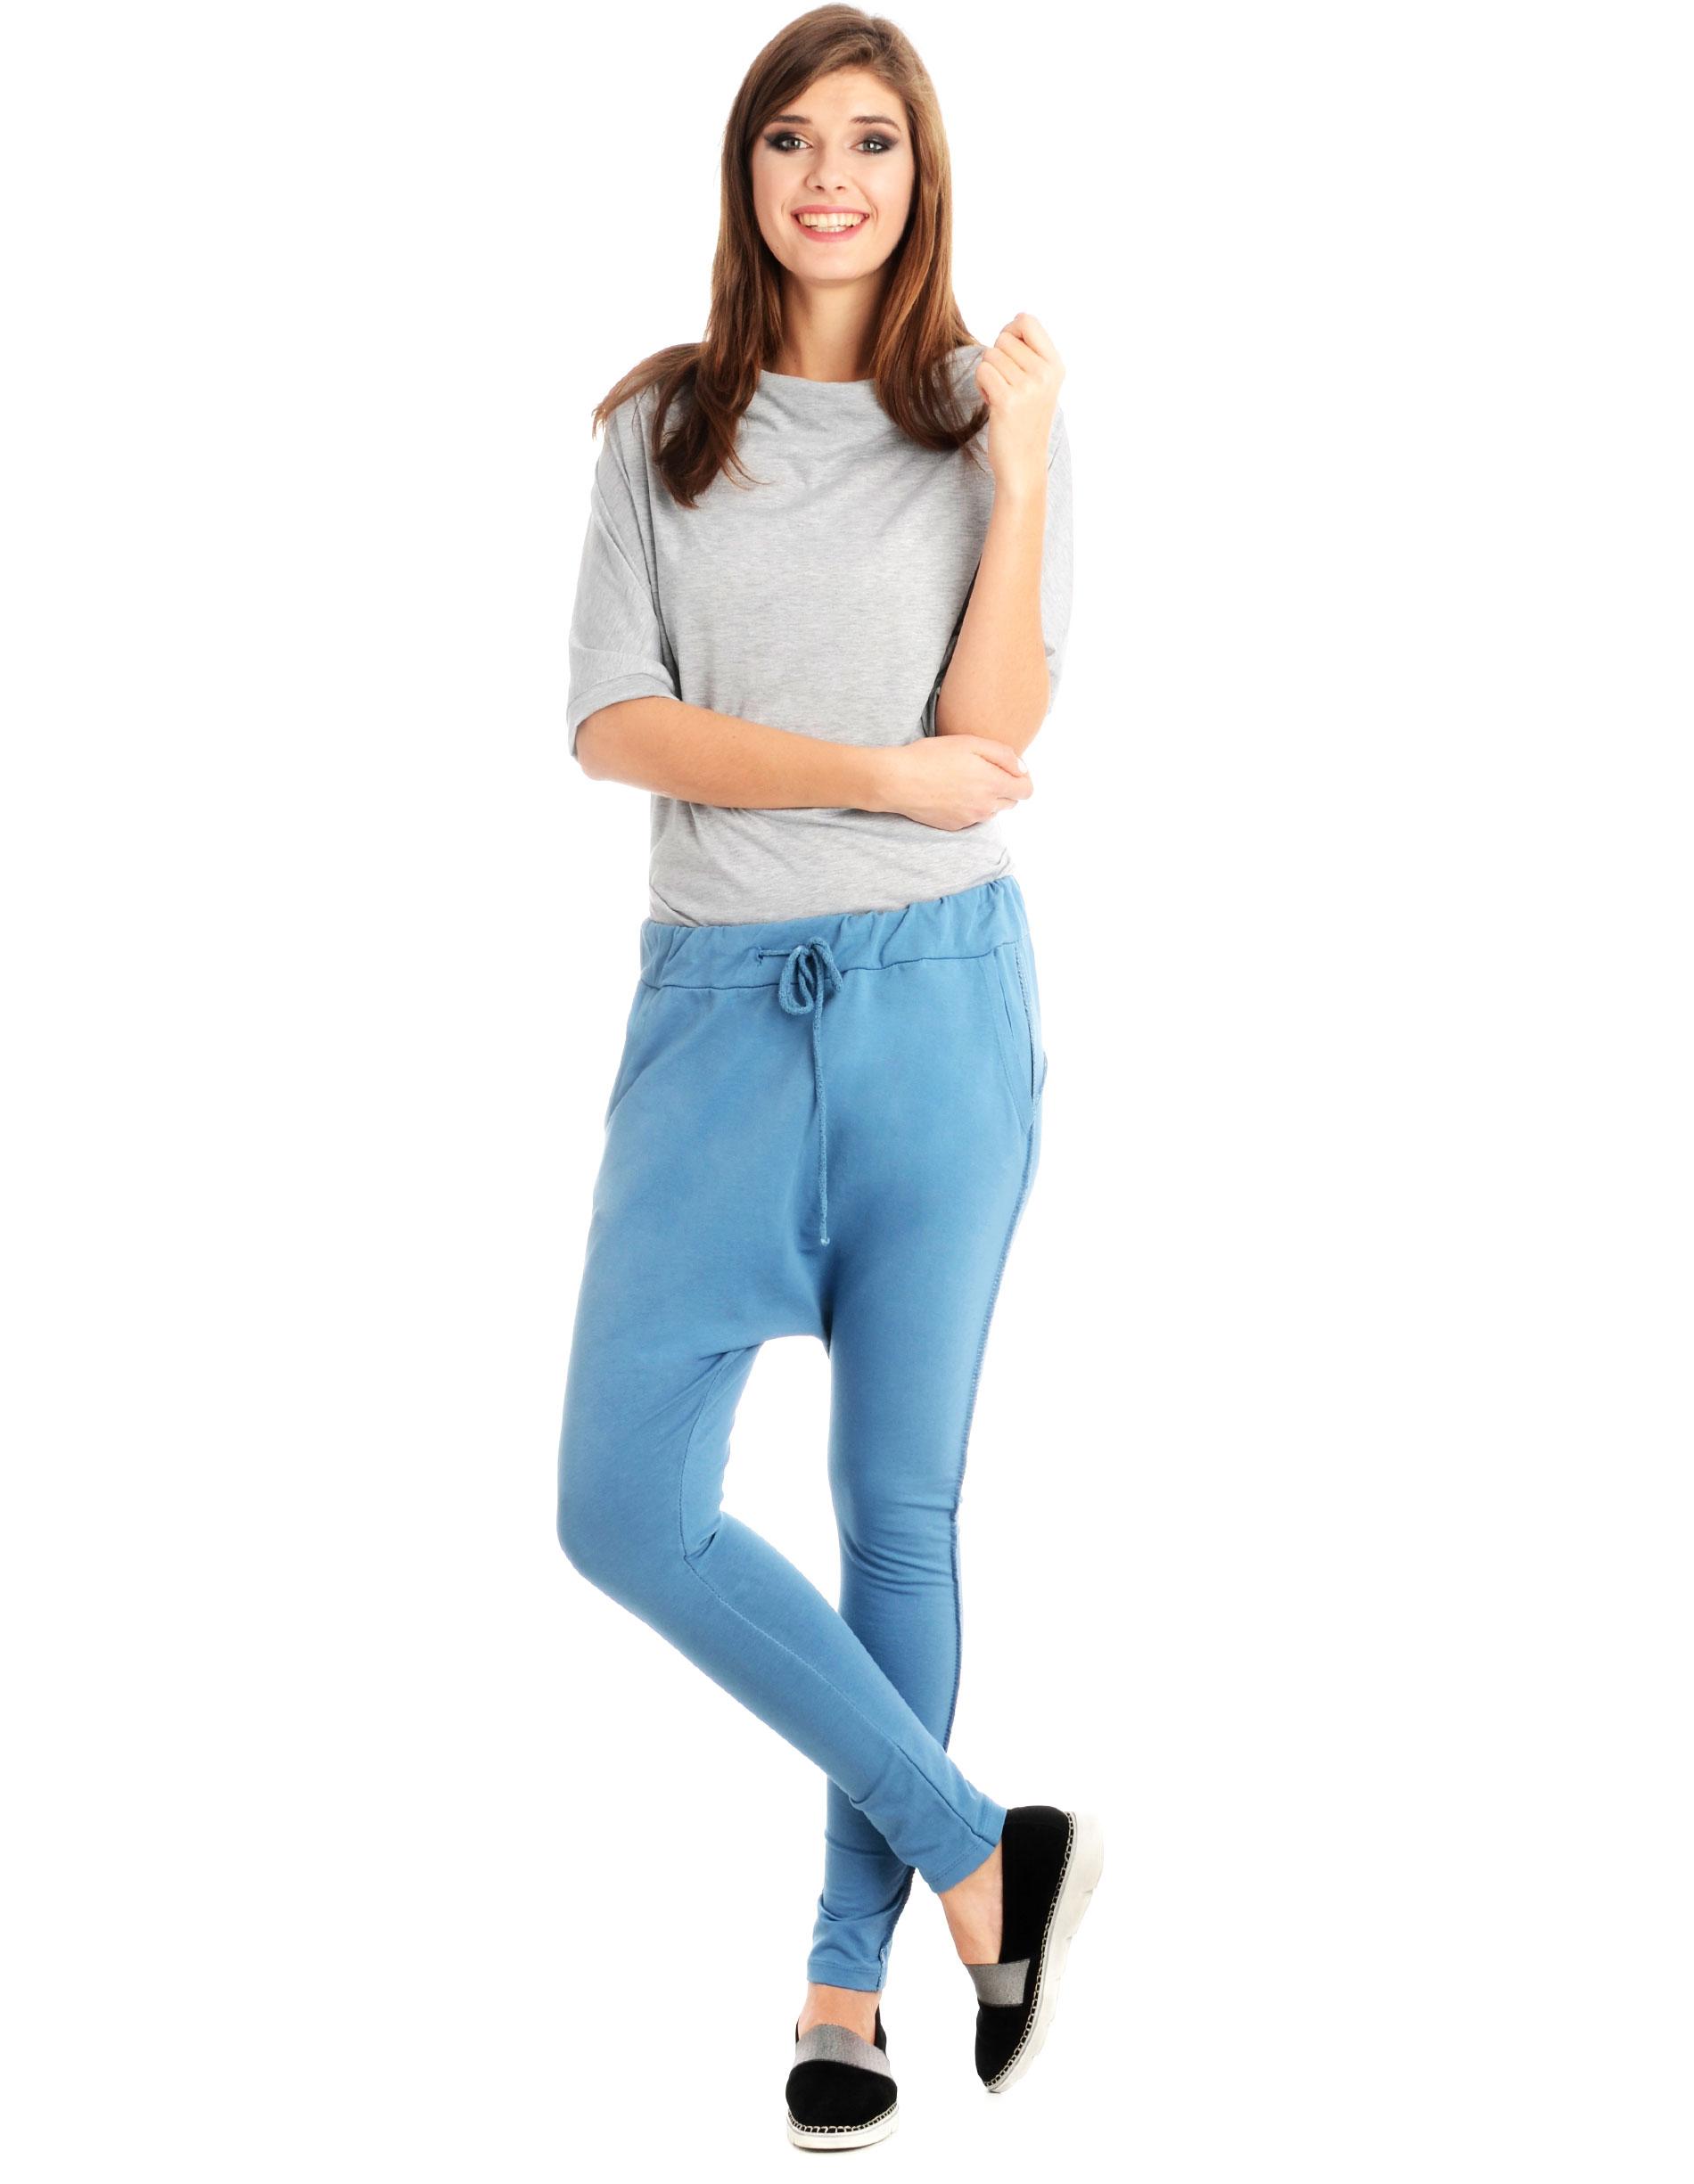 Spodnie - 118-769 JEANS - Unisono